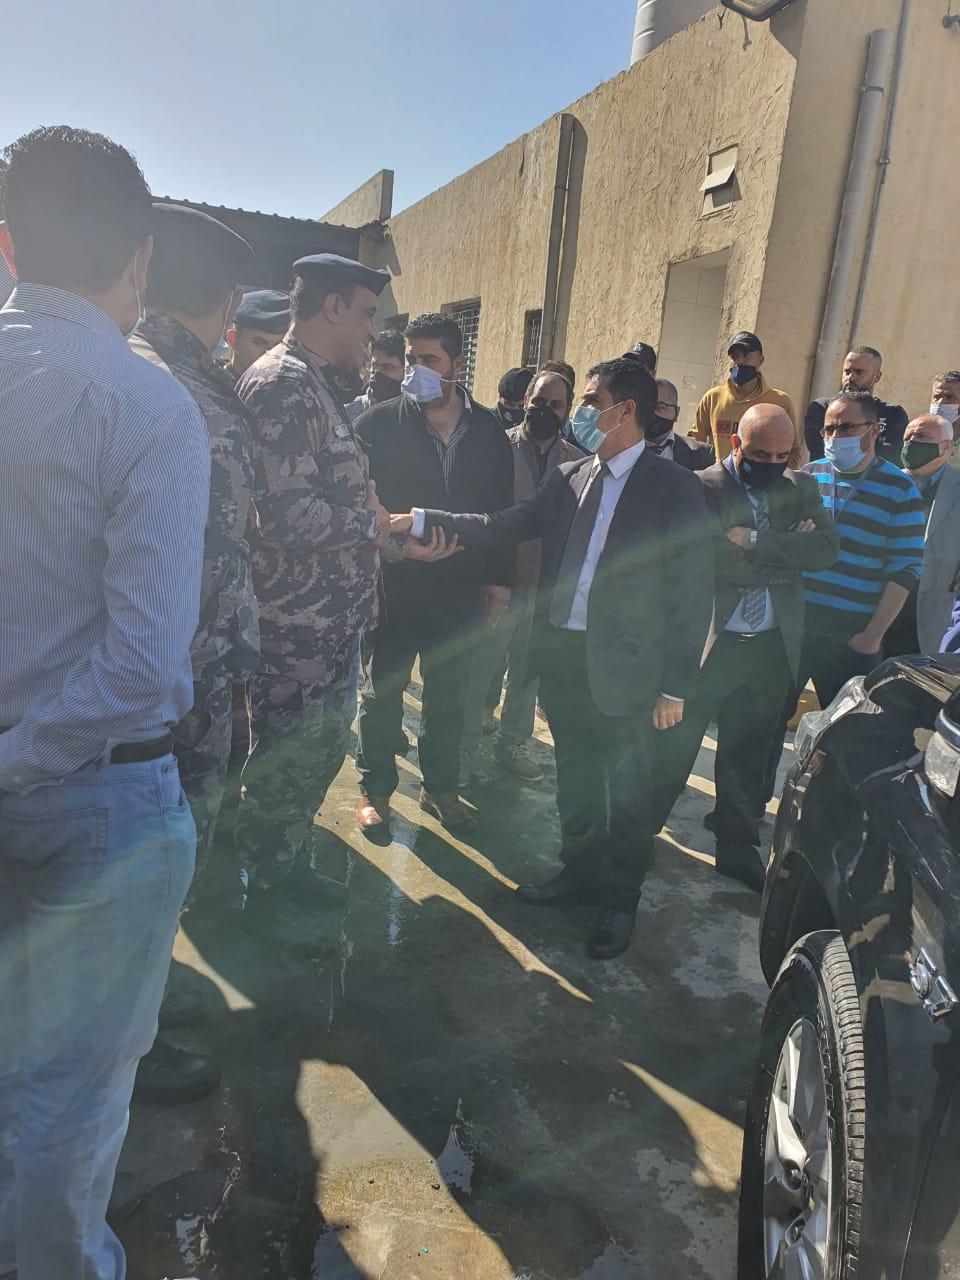 وزير المياه والري يتفقد موقع حريق مستودع العدادات ويوعز باجراءات فاعلة للتعامل مع مسرعات الاشتعال